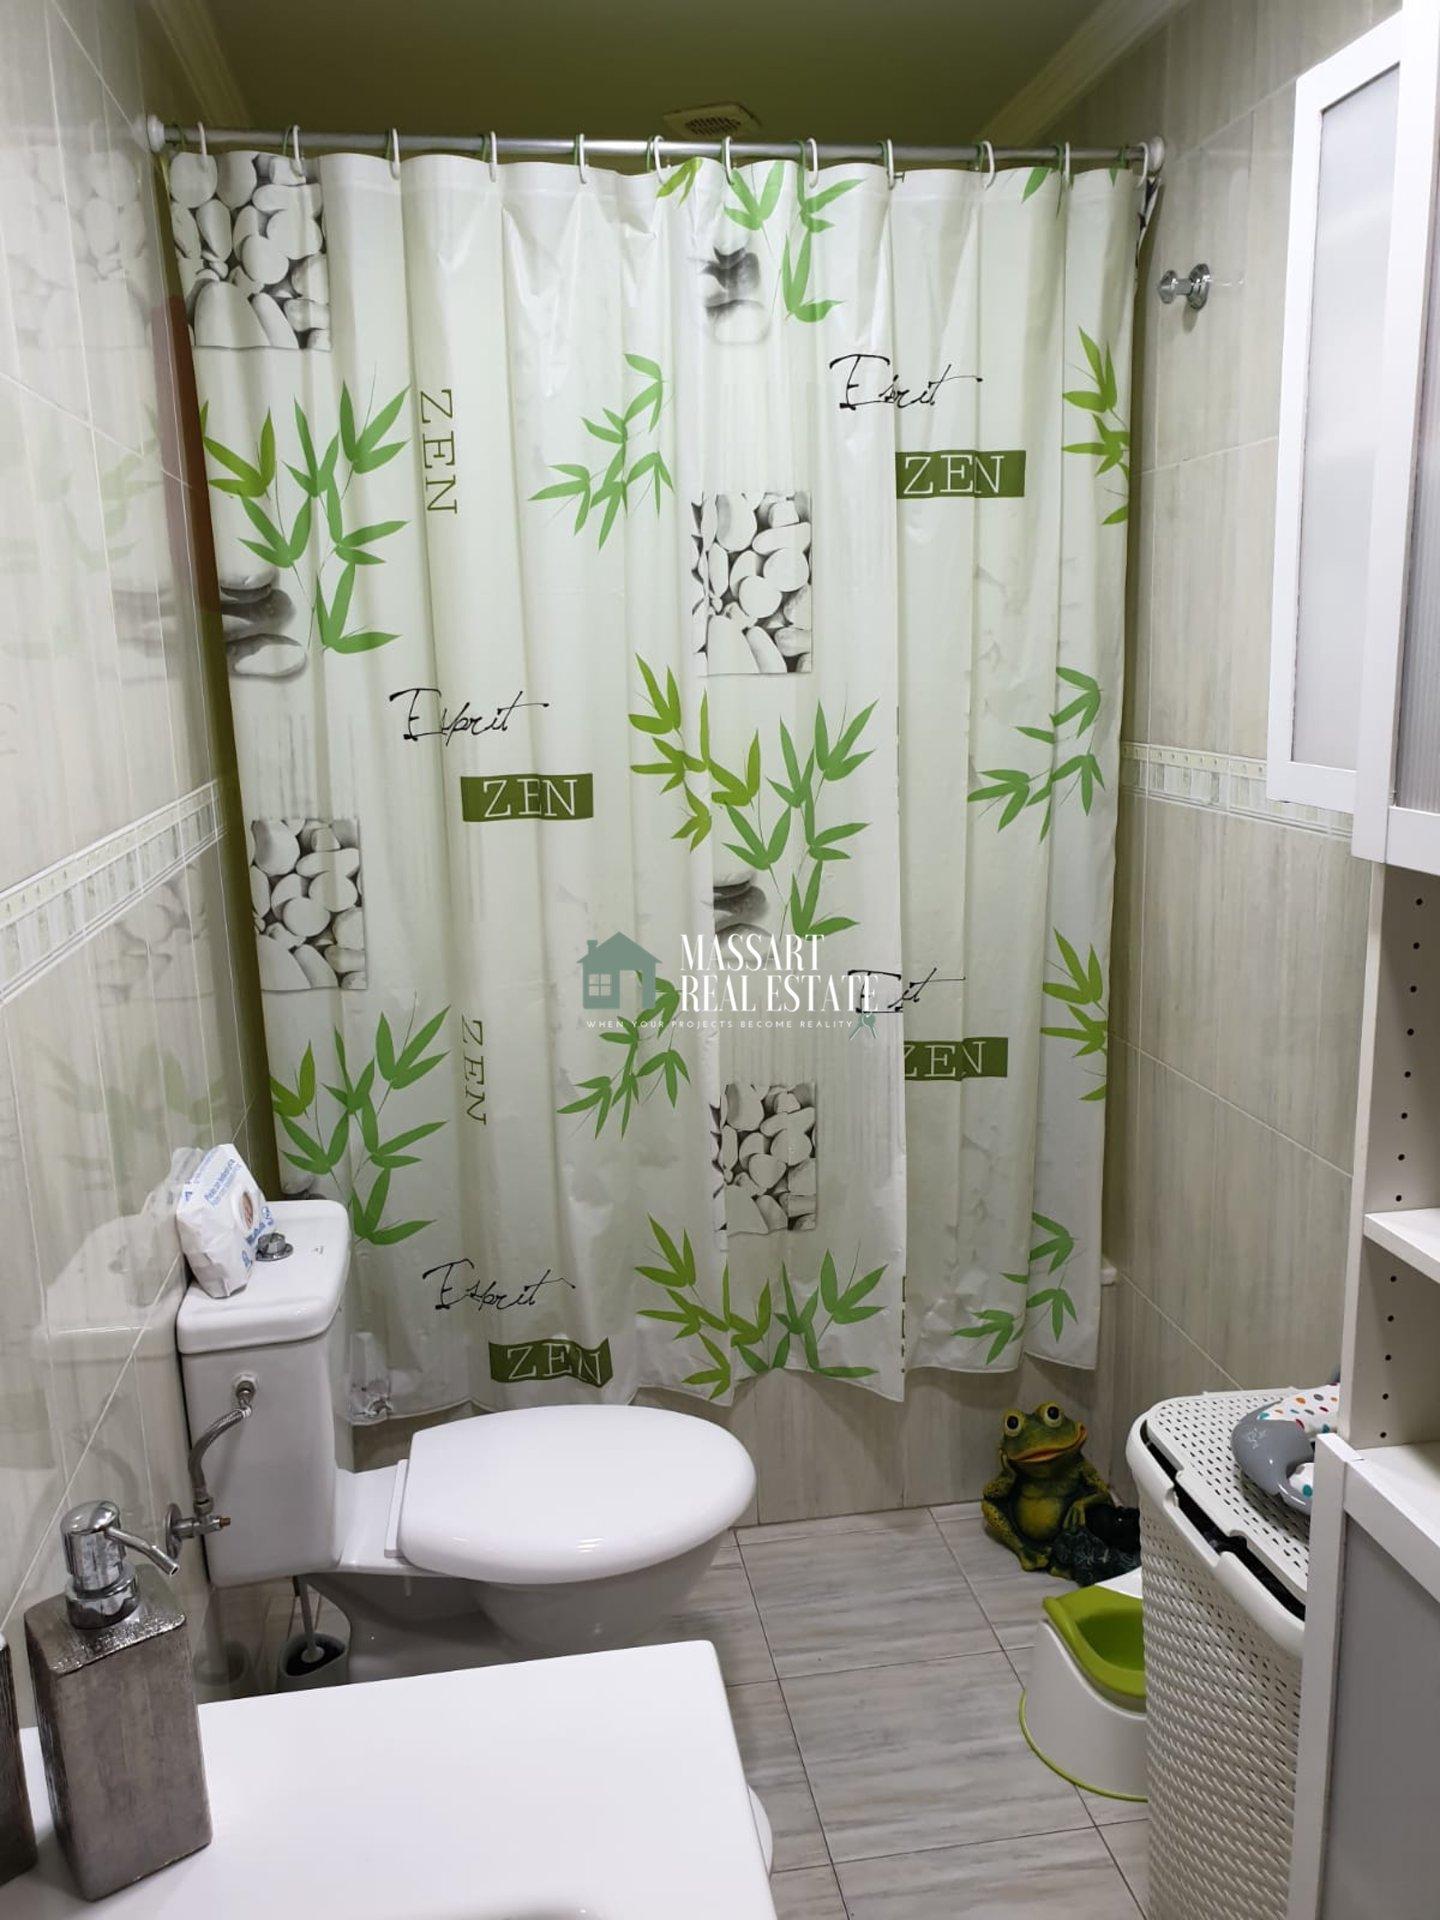 Appartamento di 80 m2 completamente arredato situato in una zona centrale di San Isidro.